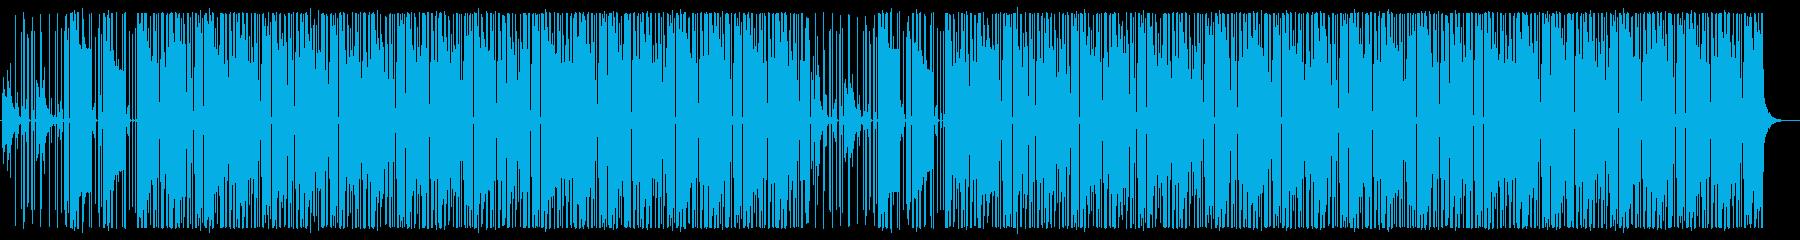 RnB,Pop,Hip Hopの再生済みの波形